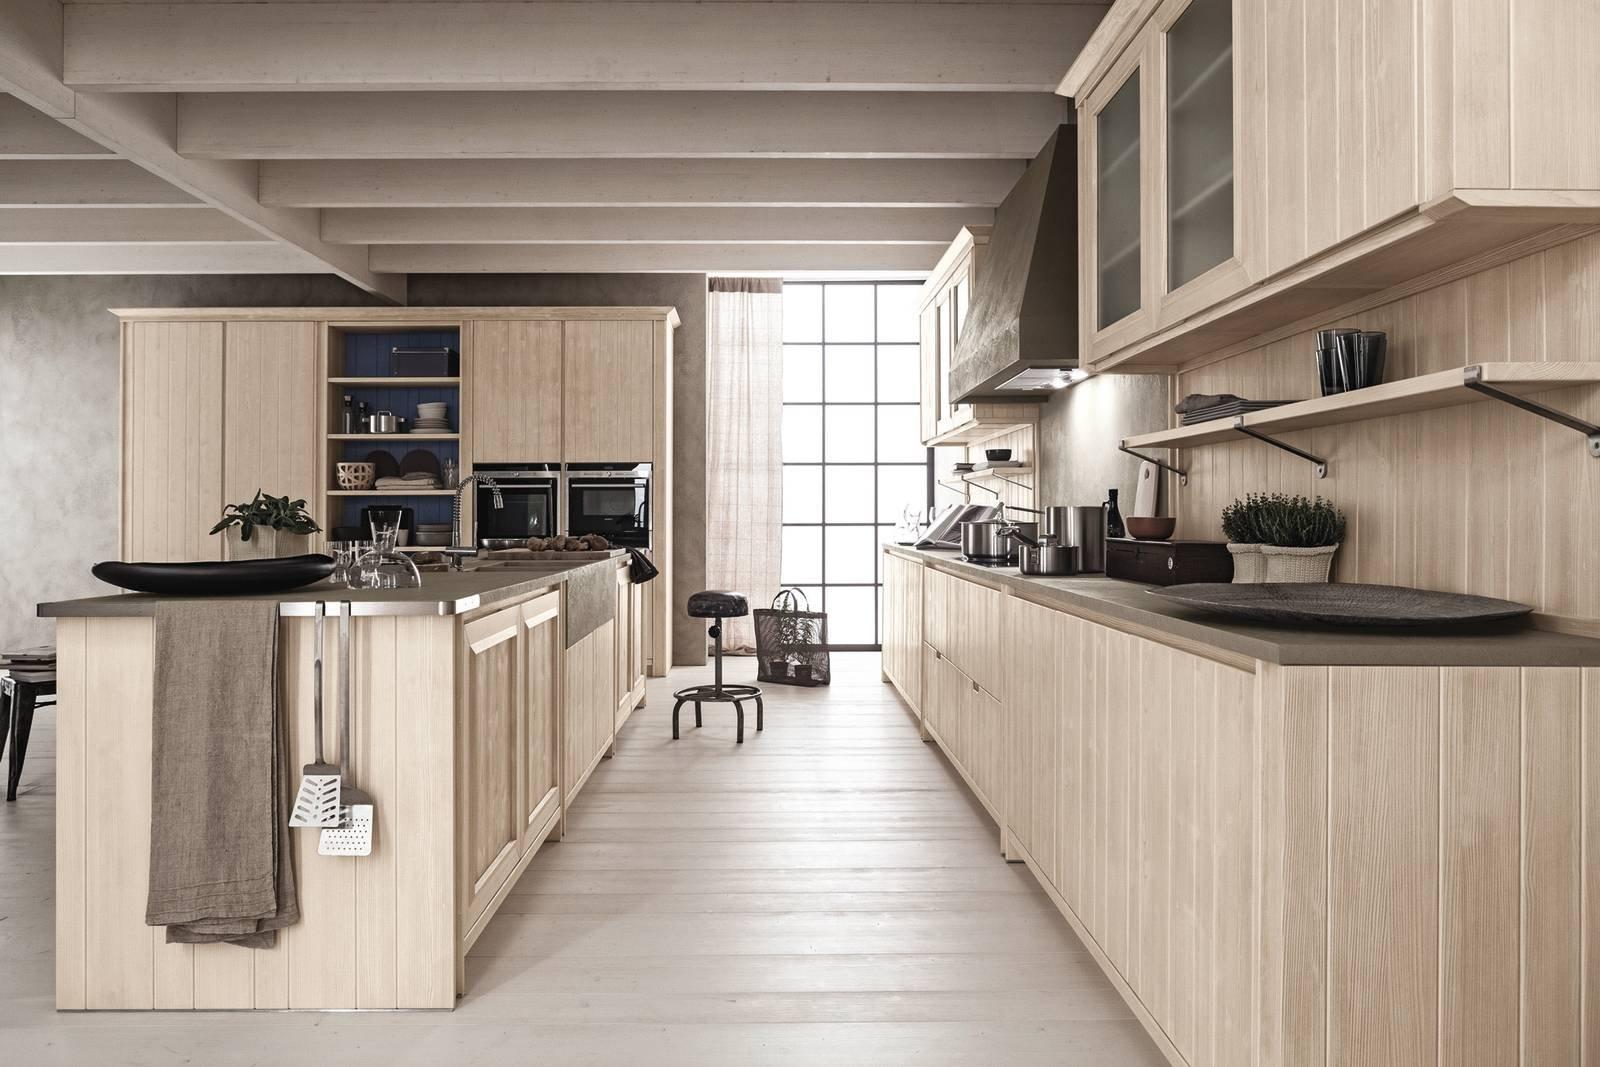 Stunning Disegno Due Cucine Images - Design & Ideas 2017 - candp.us